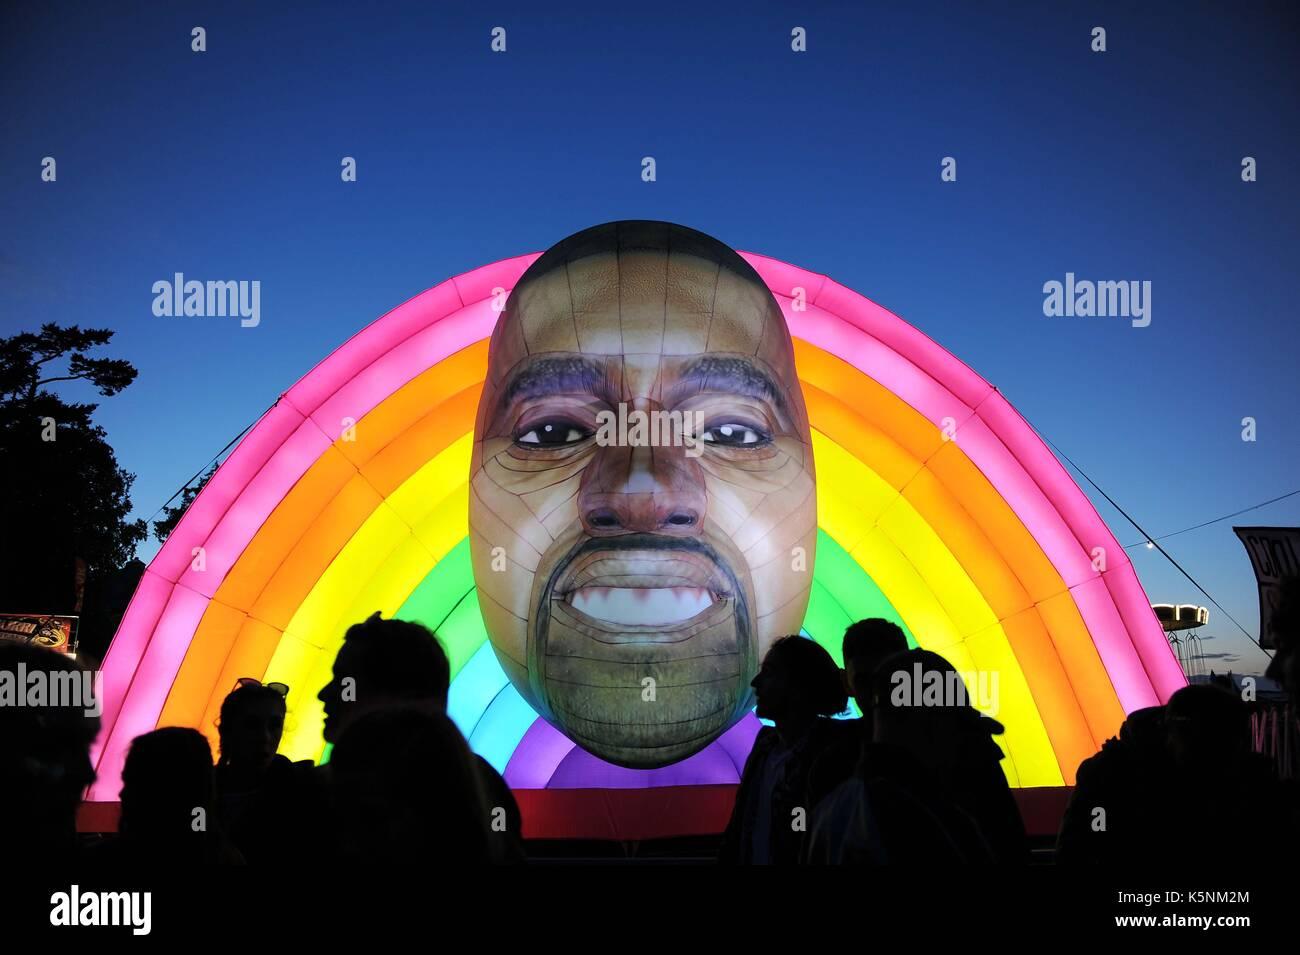 Kanye West inflables en bestival festival de música. Crédito: Kanye West inflable finnbarr webster/alamy live news Foto de stock